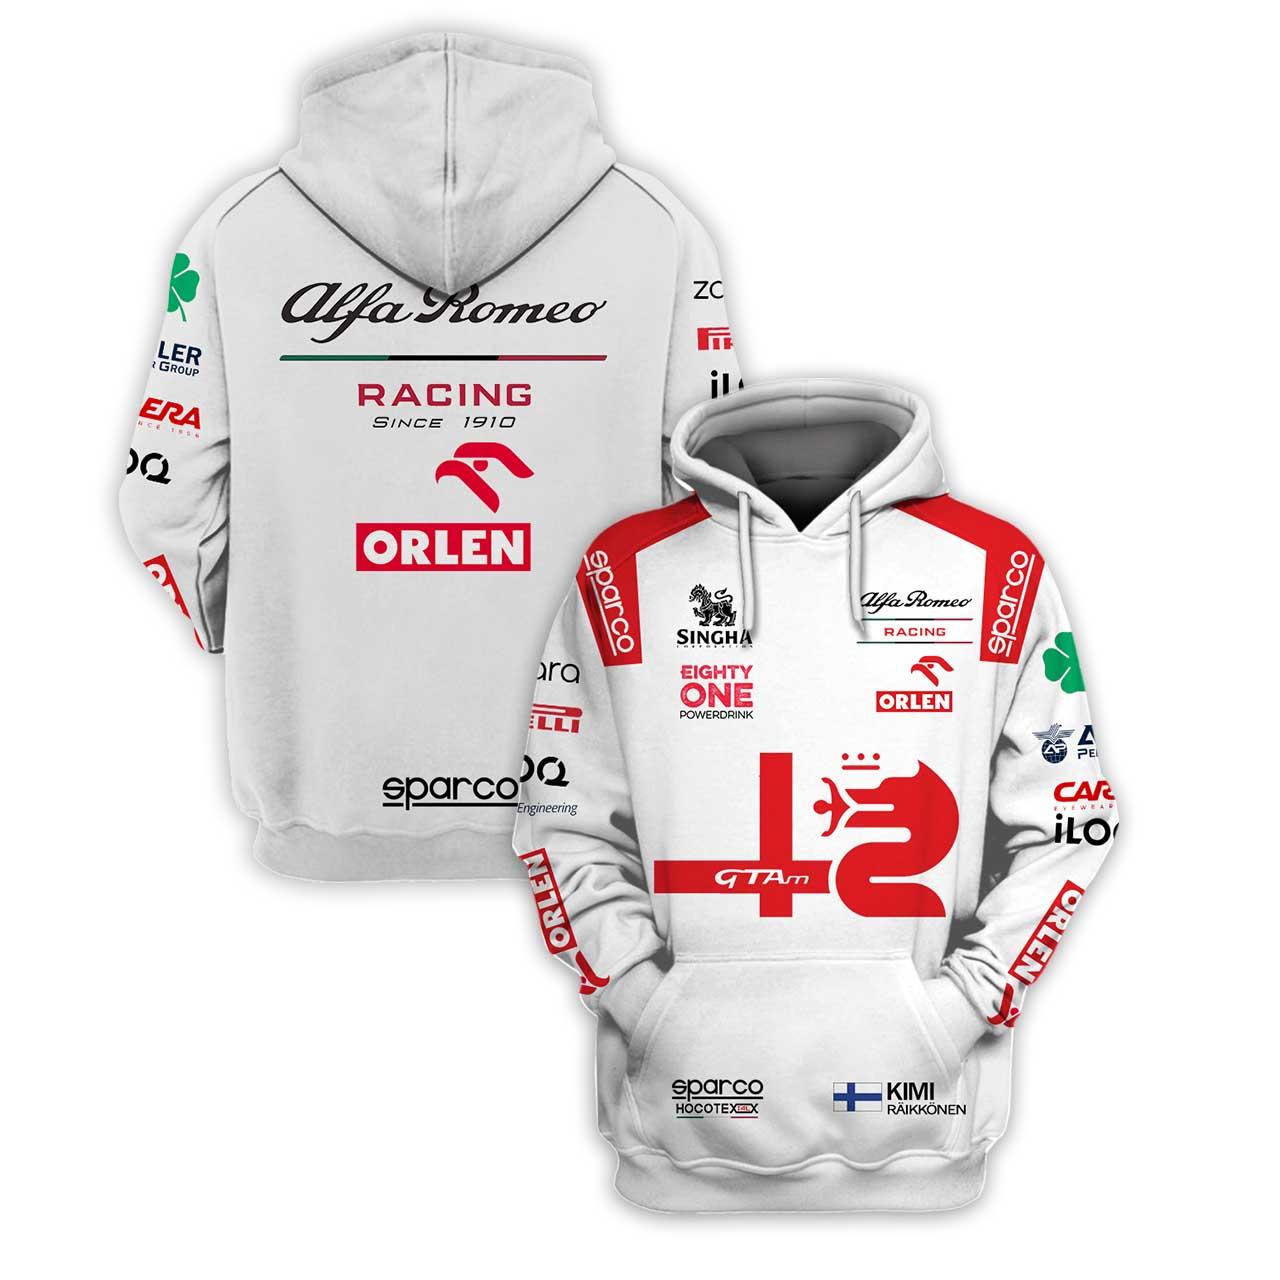 Alfa Romeo Racing Since 1910 Orlen Racing 3D Full Printing Hoodie